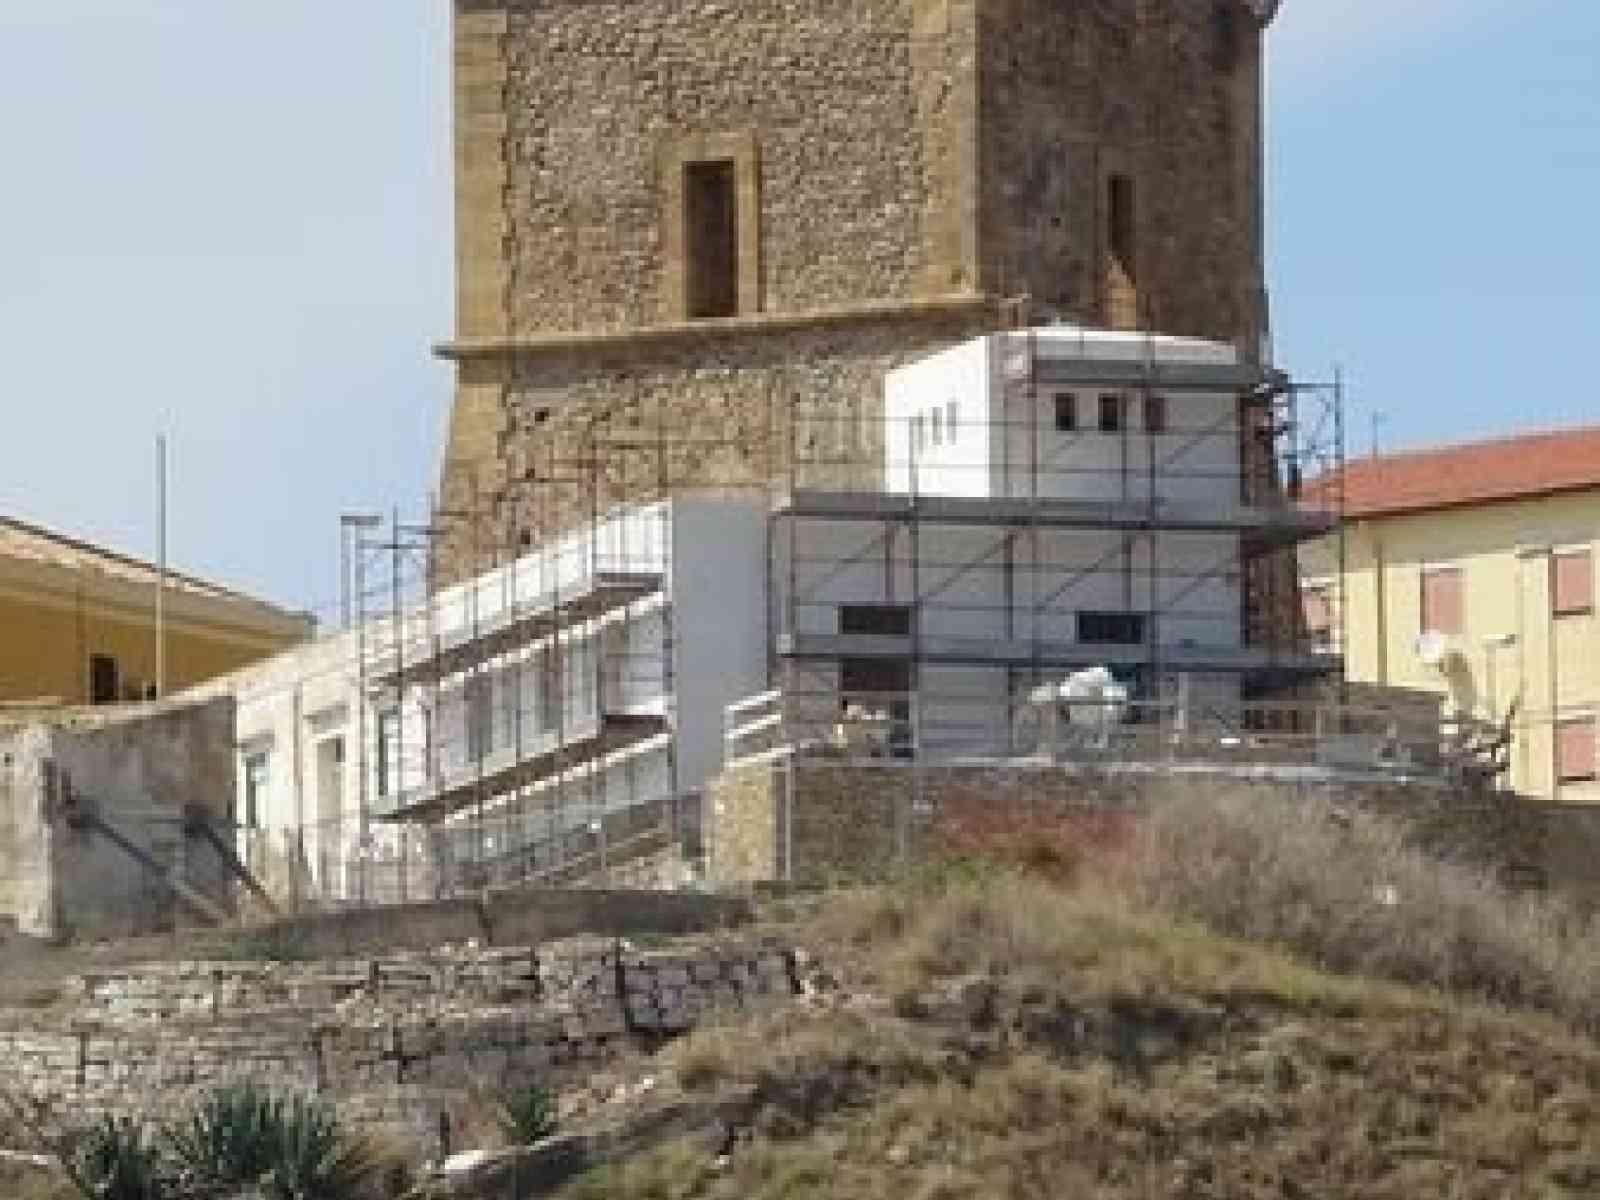 """Immagine articolo: Vittorio Sgarbi si scaglia contro l'edificio accanto la Torre e attacca: """"Con quali argomenti è stato concesso il nulla osta?"""""""